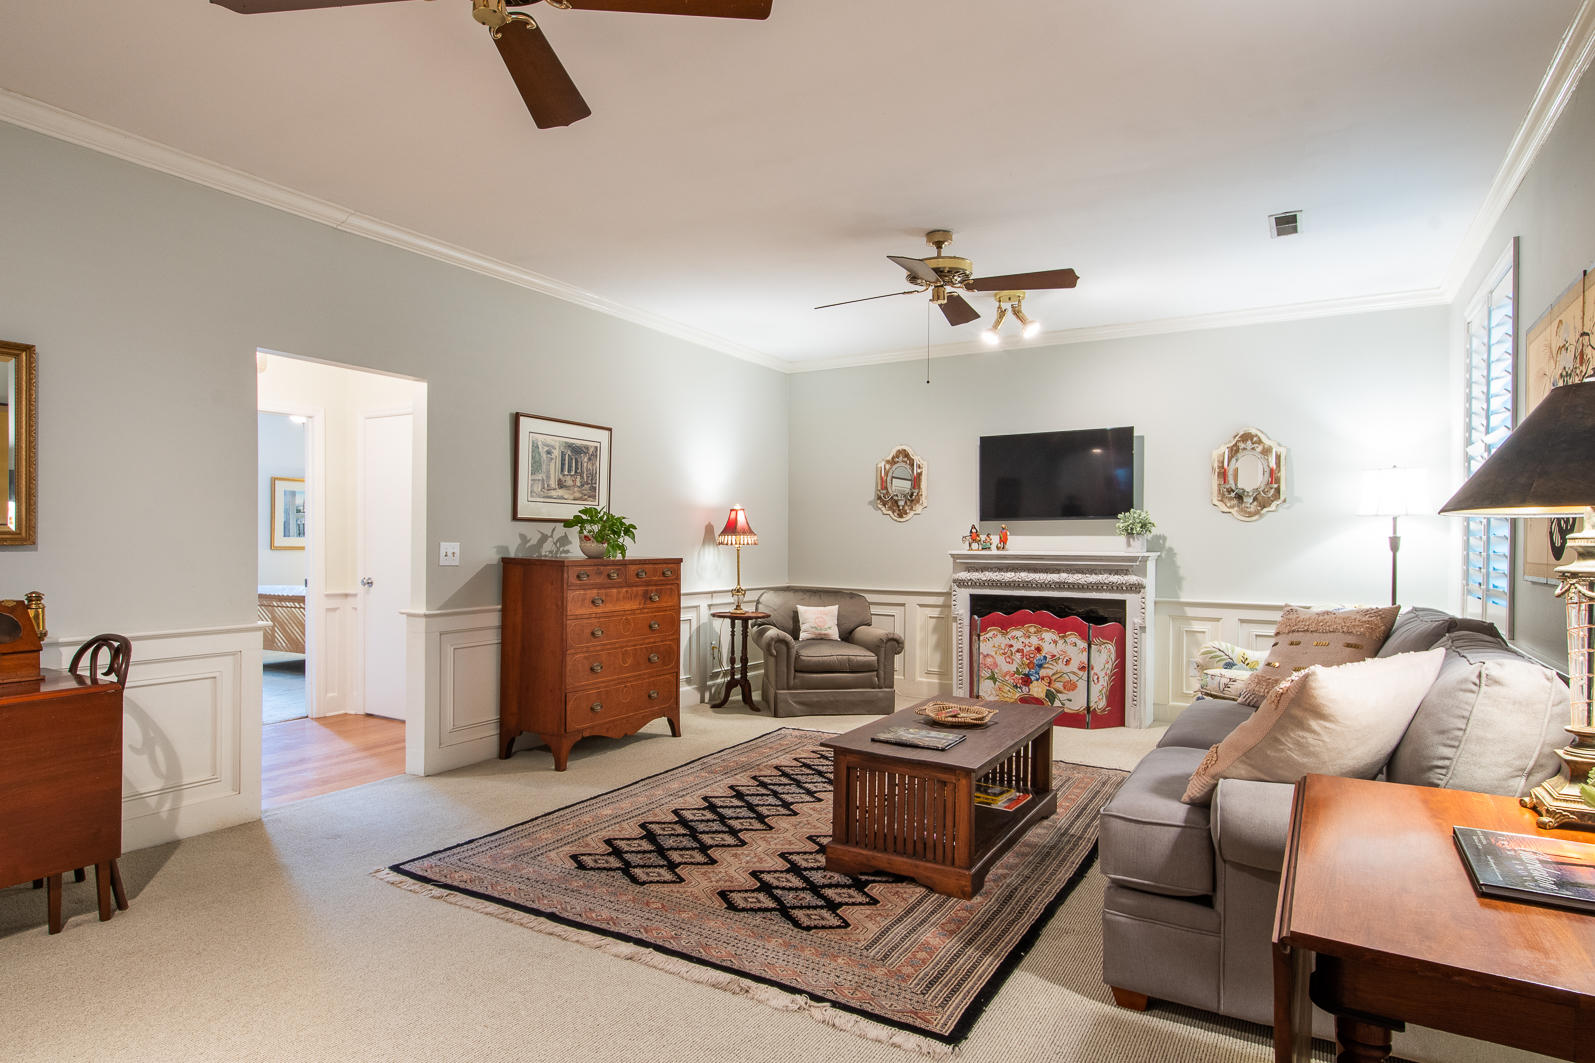 Old Mt Pleasant Homes For Sale - 1344 Fairmont, Mount Pleasant, SC - 16